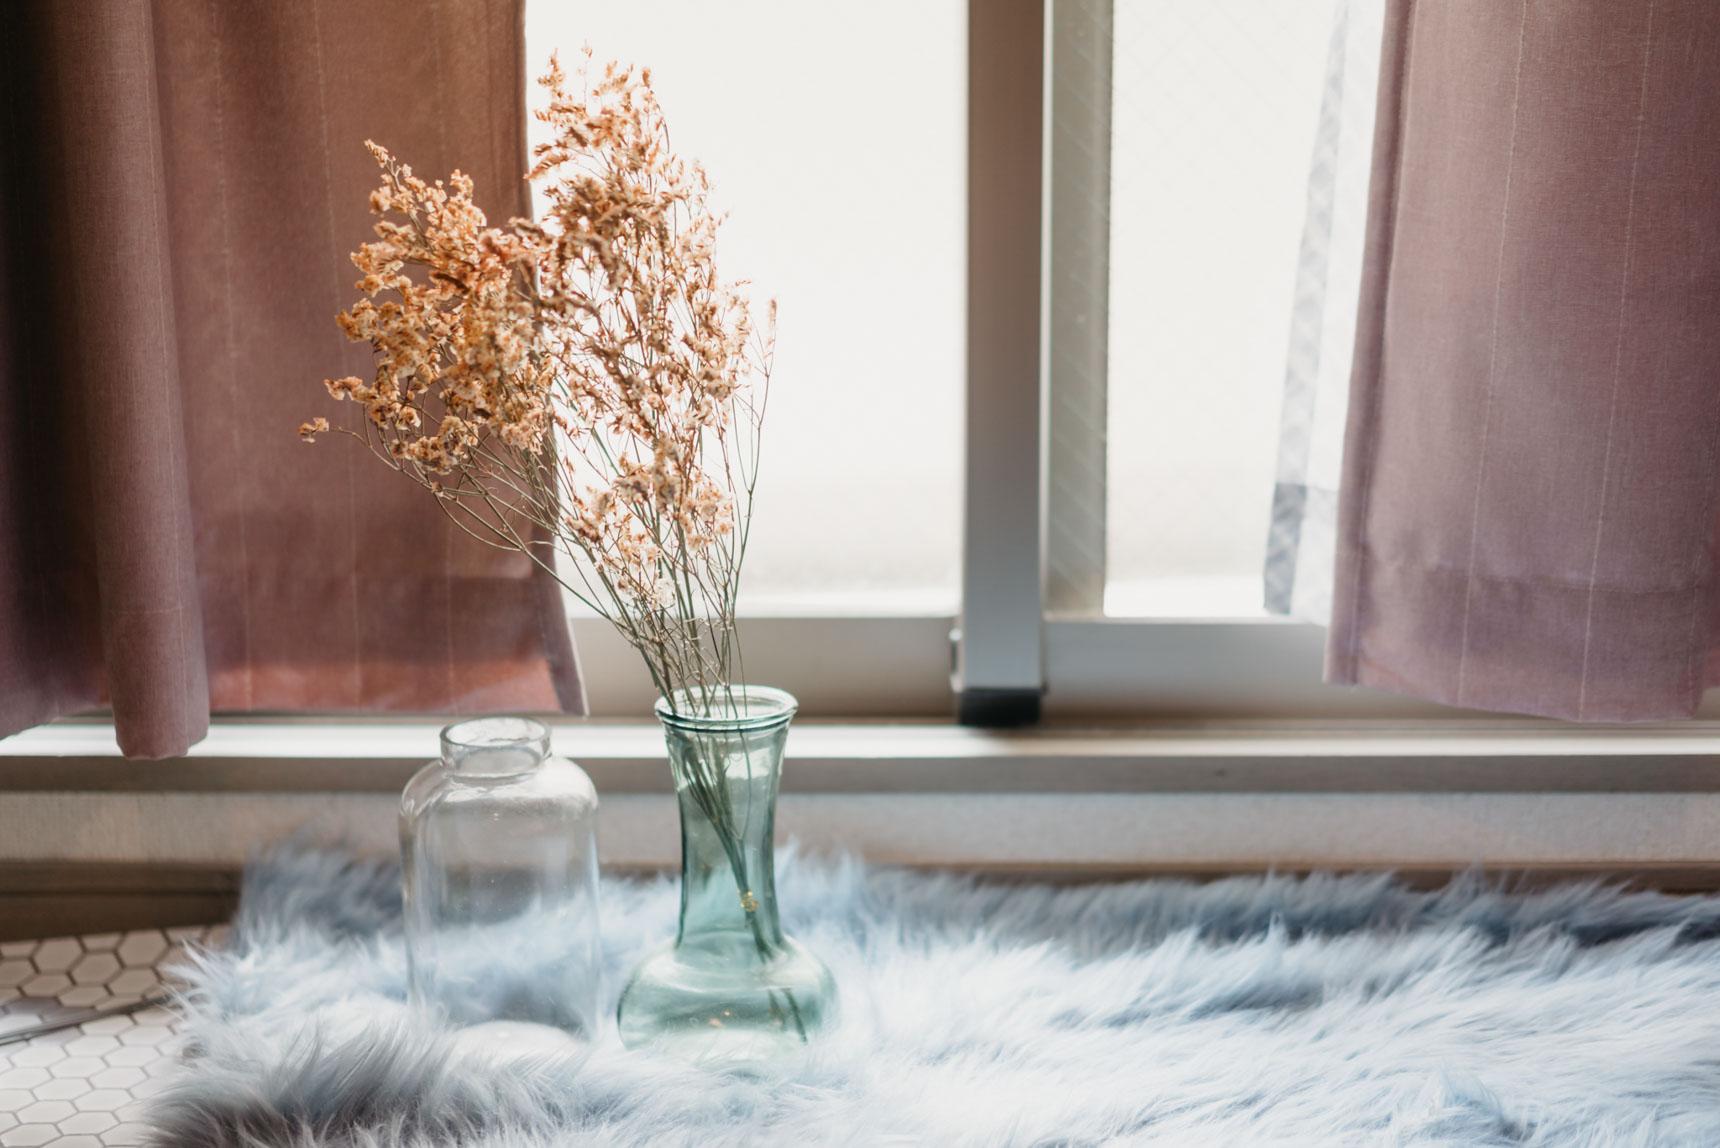 実は1階で、道路に面しているお部屋。窓からの視線があるので、ベッドなどの家具は入り口側に寄せて、窓にははがせる遮光フィルムを貼られています。でもお部屋の中でここまで世界が完成されていると、窓の外ってほとんど気にならないものですね。お洗濯物は浴室乾燥を利用されるそう。